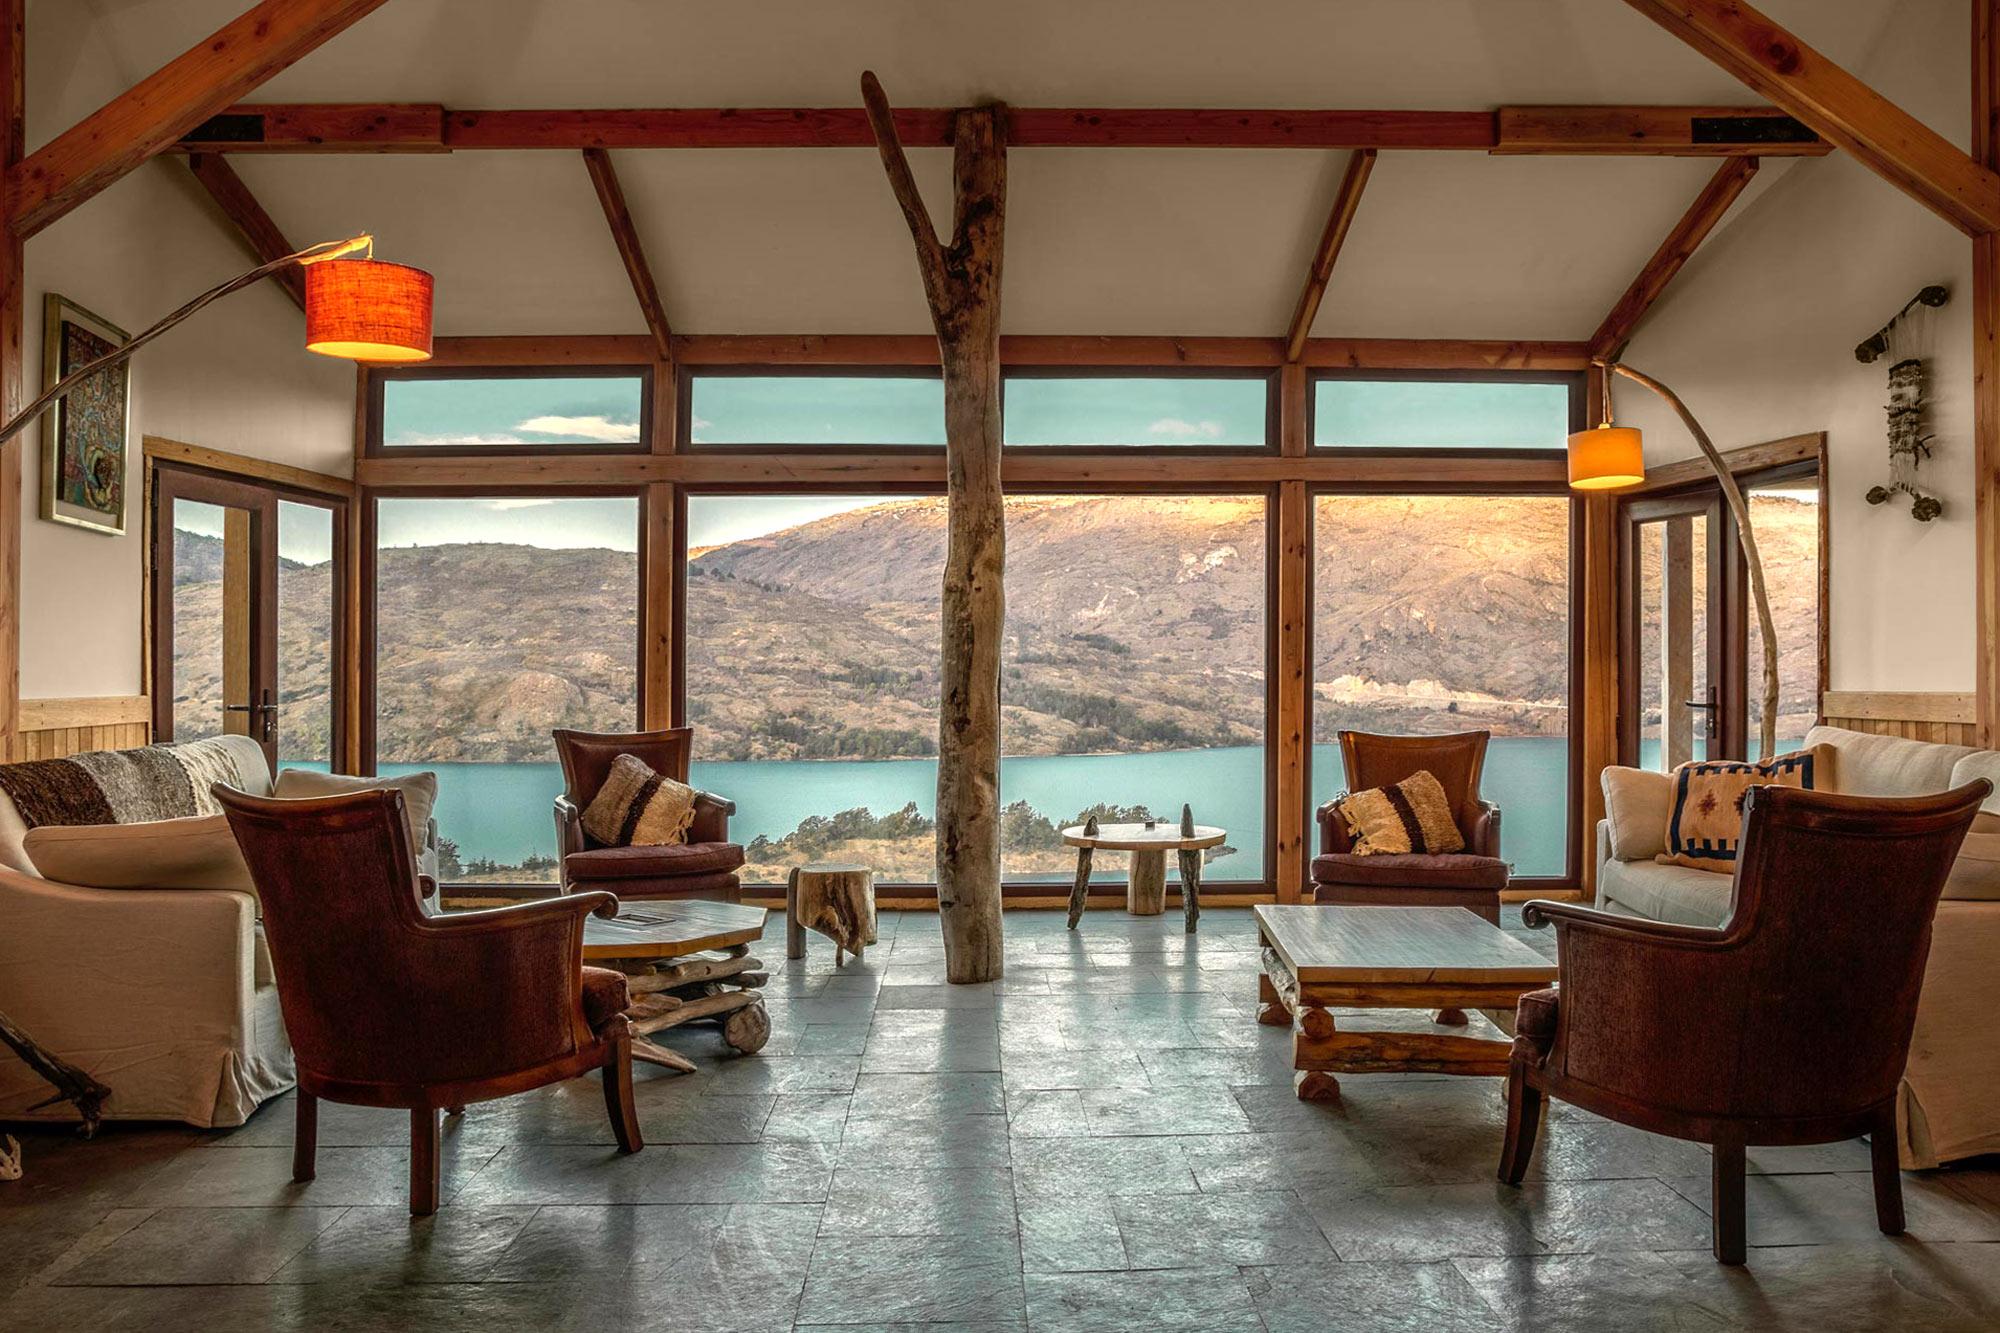 Immobilienfotografie von Adrian Kilchherr ; Hotelfotograf Schweiz Deutschland Österreich Südtirol Weltweit